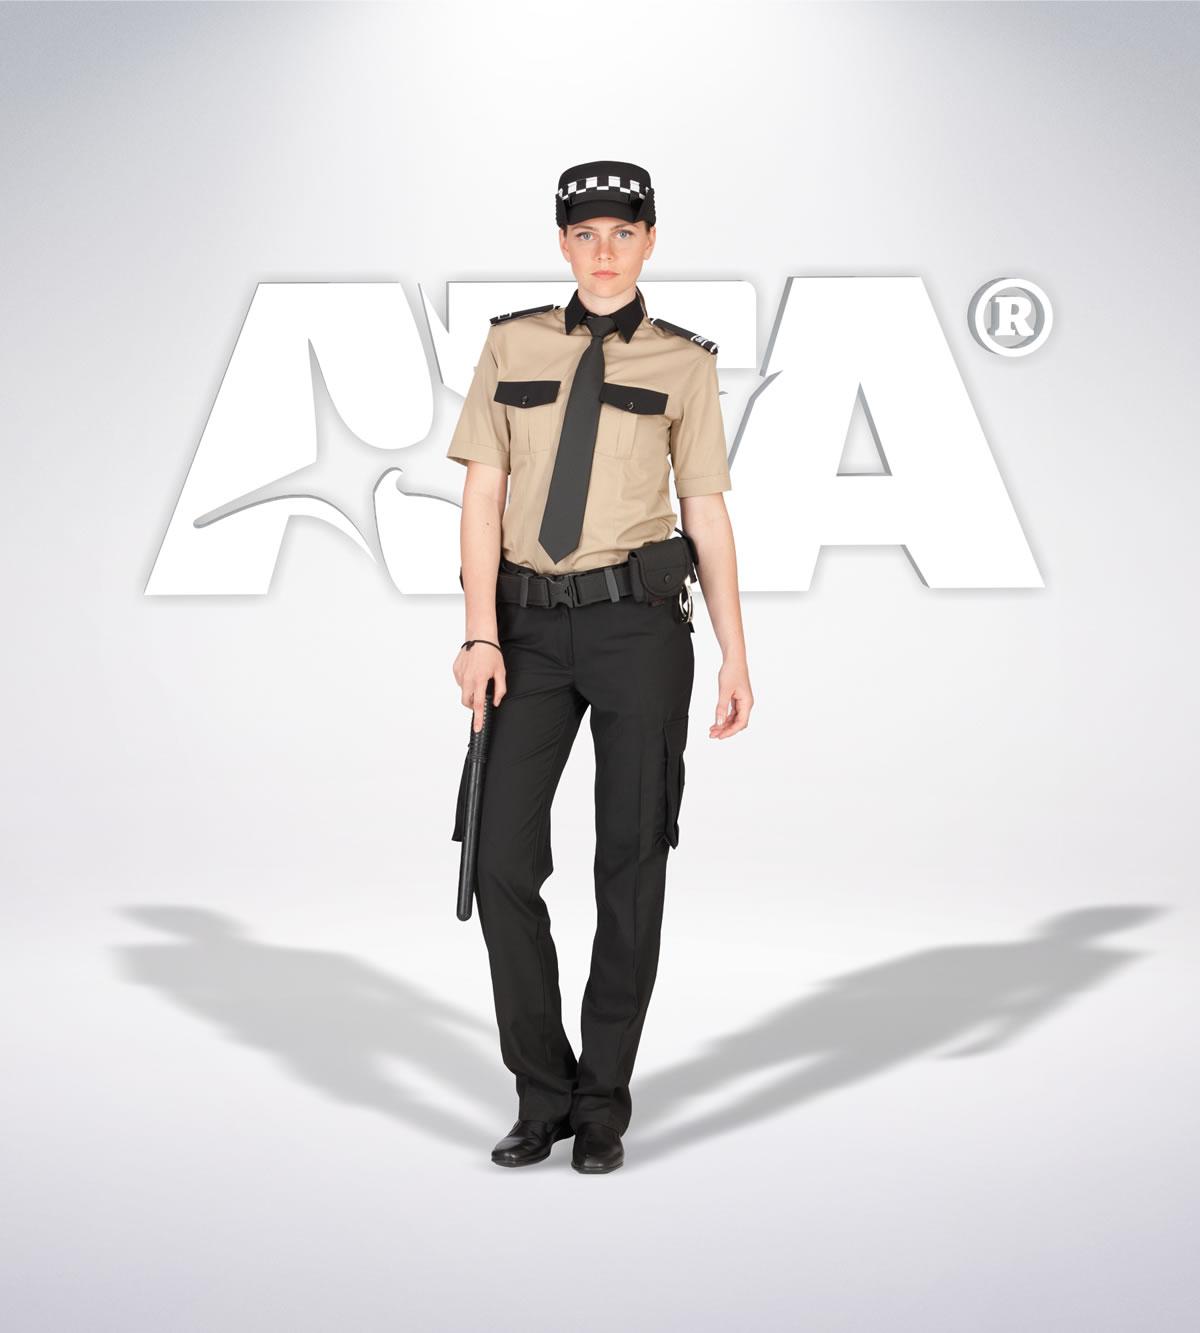 ATA 109 - Ribstop kumaş pantolon - gömlek yazlık-kışlık - aksesuar - güvenlik elbiseleri | güvenlik üniformaları | güvenlik kıyafetleri